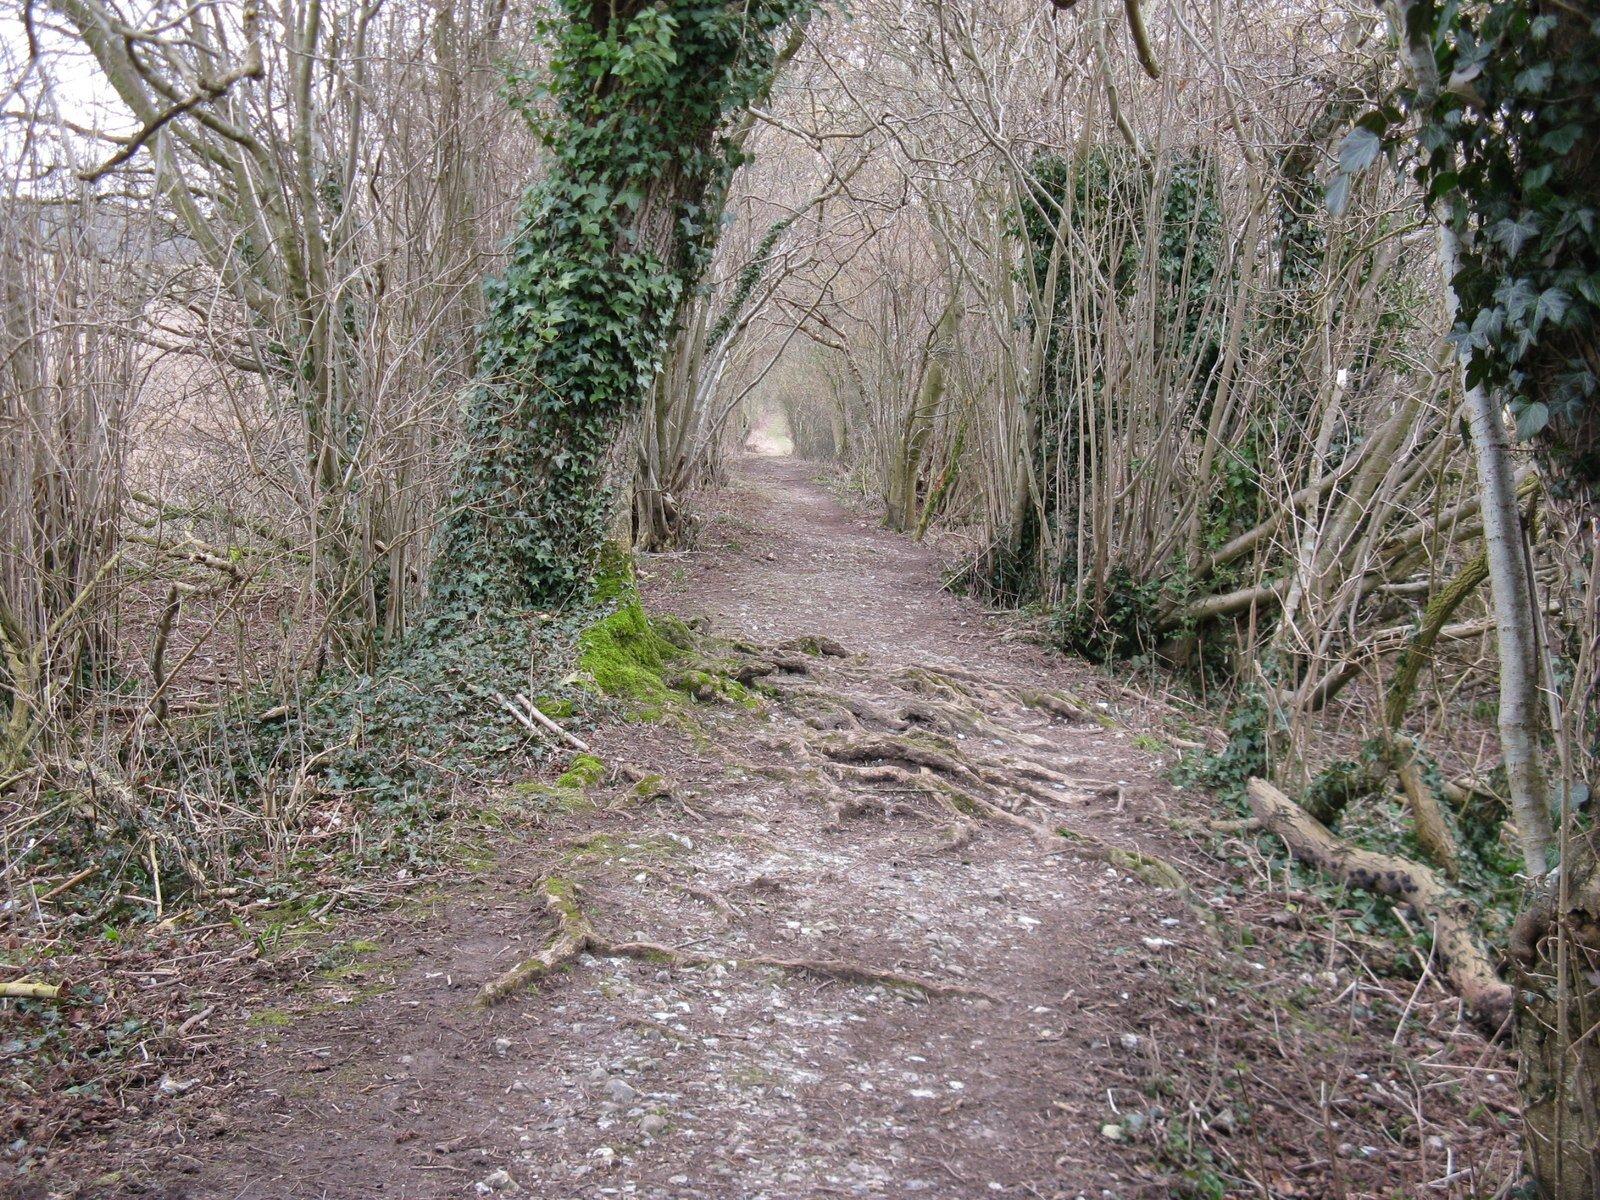 Il proprietario degli alberi è responsabile per i danni causati dalle radici